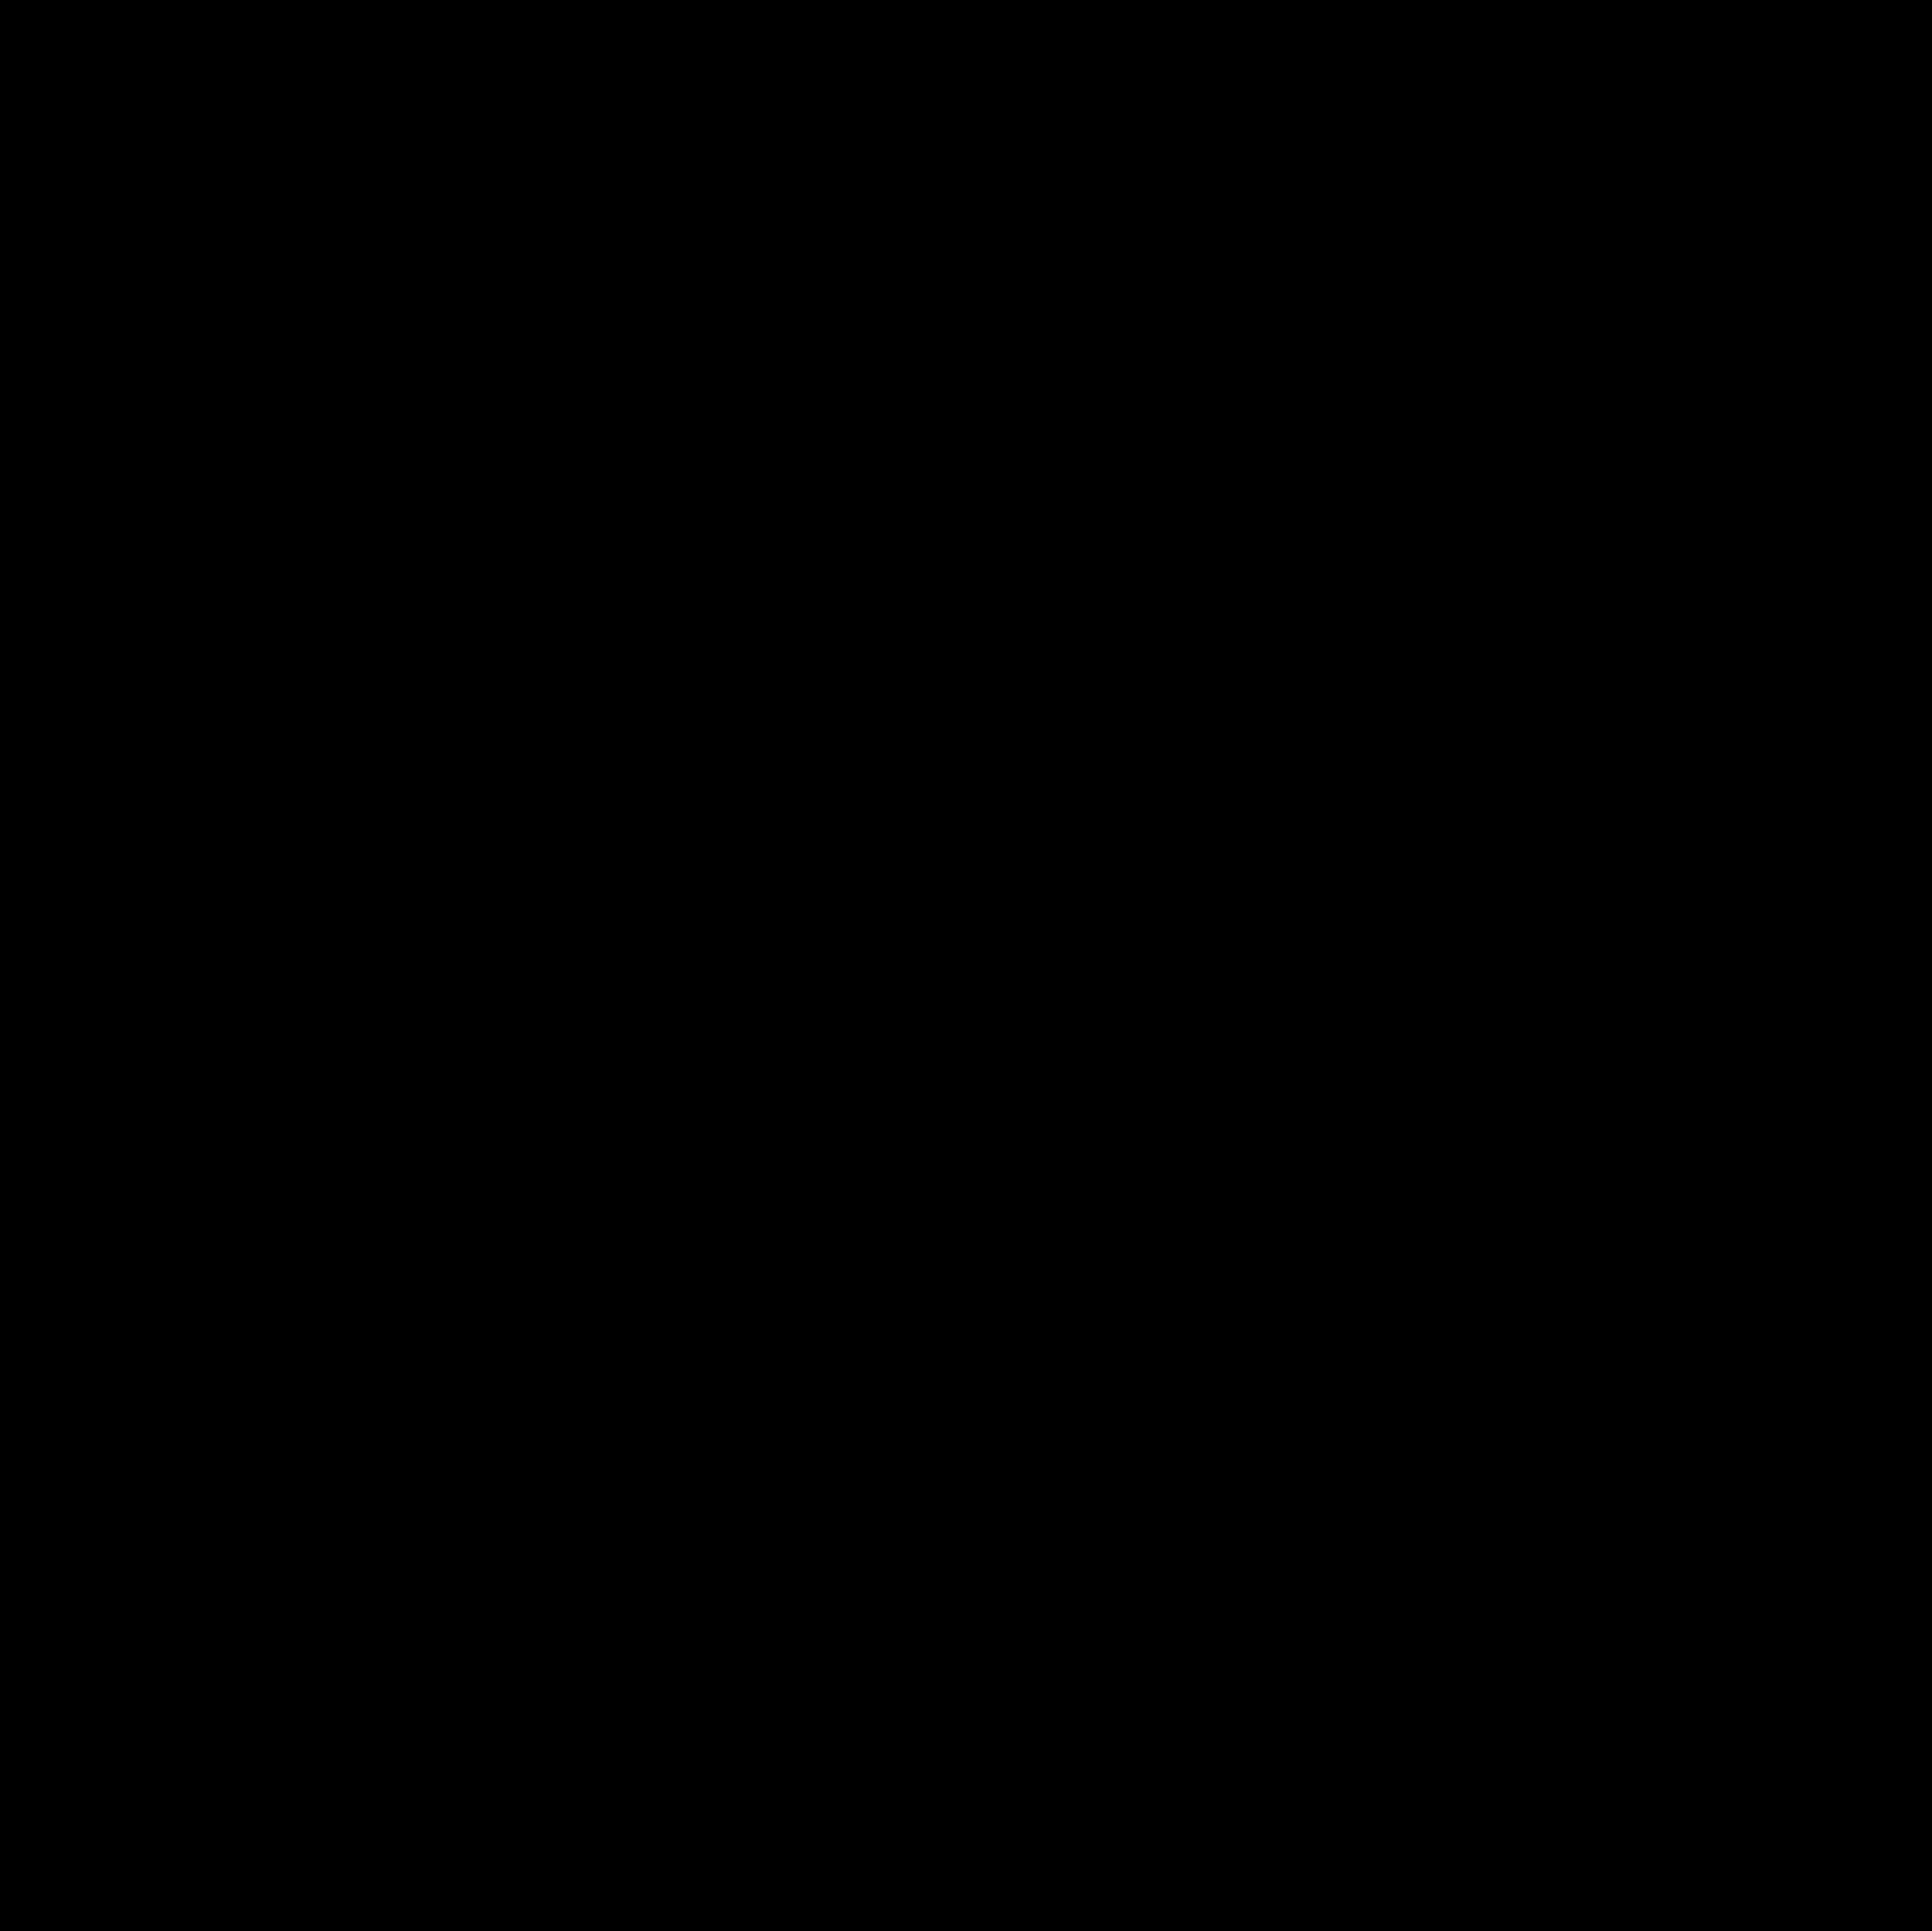 Studentklubben: Netflix og Chill